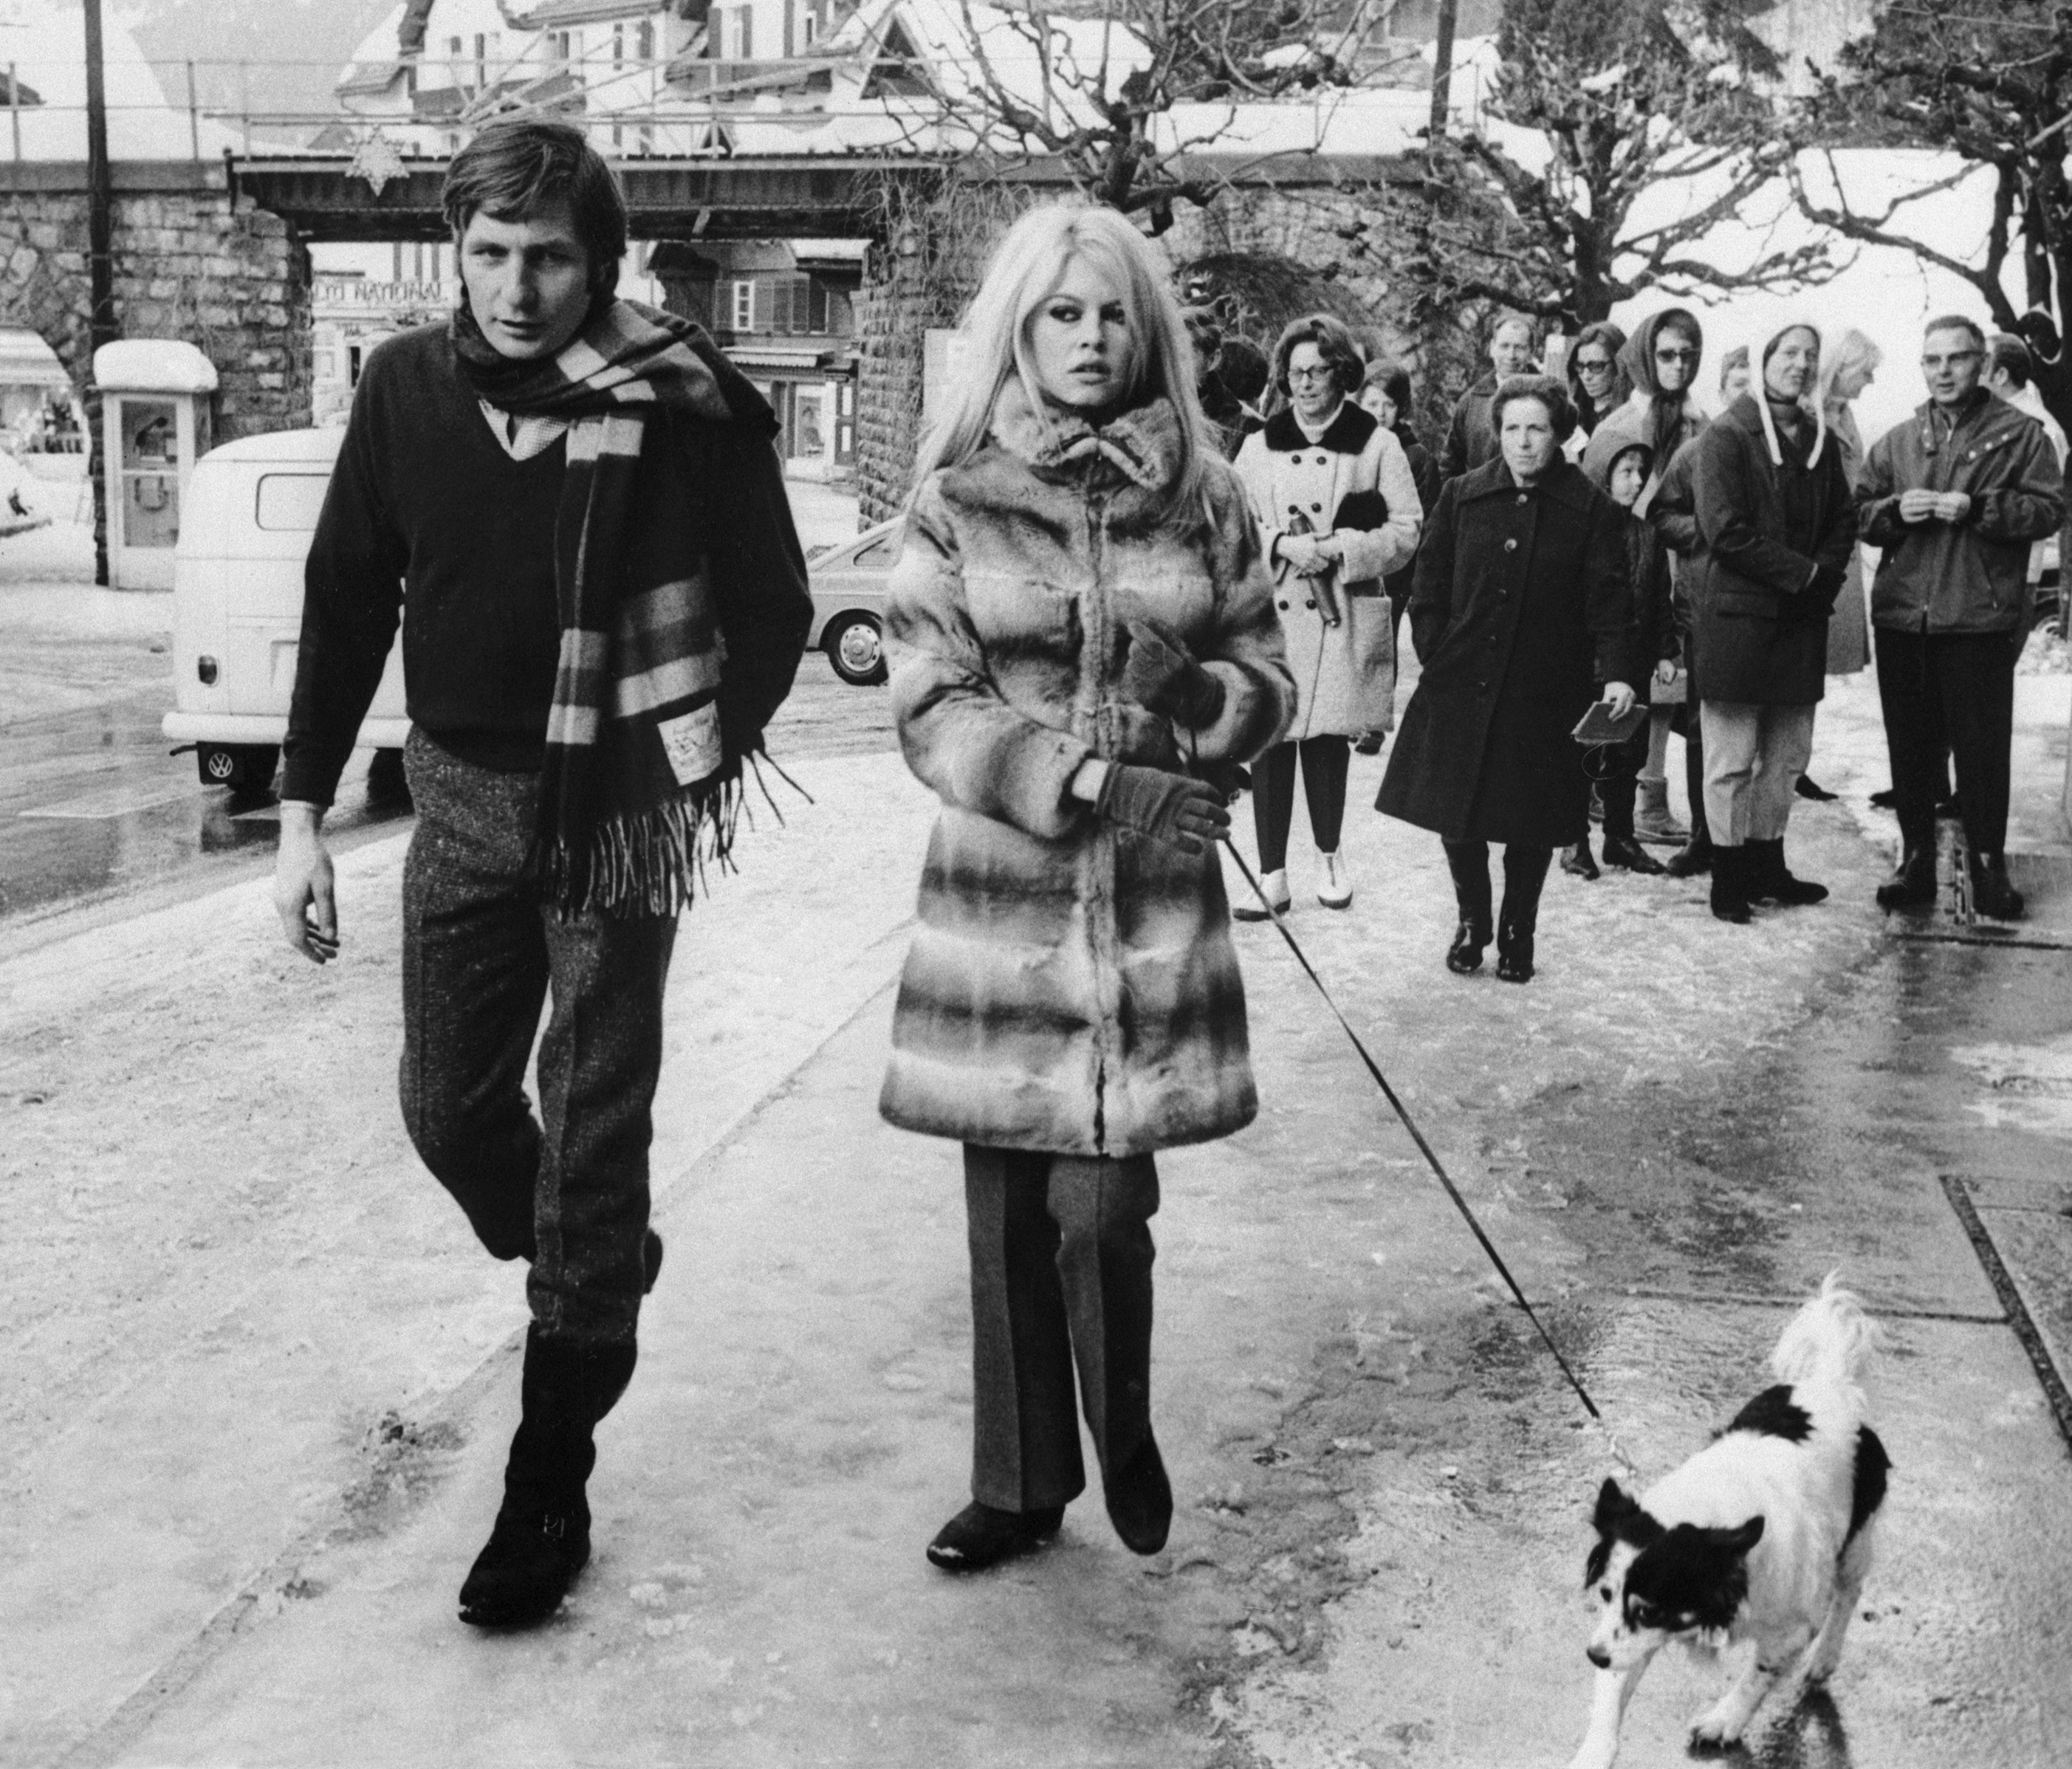 O megacolecionador Gunter Sachs e Brigitte Bardot andam por Gstaad em 1967, quando eram casados (Foto: Getty Images)